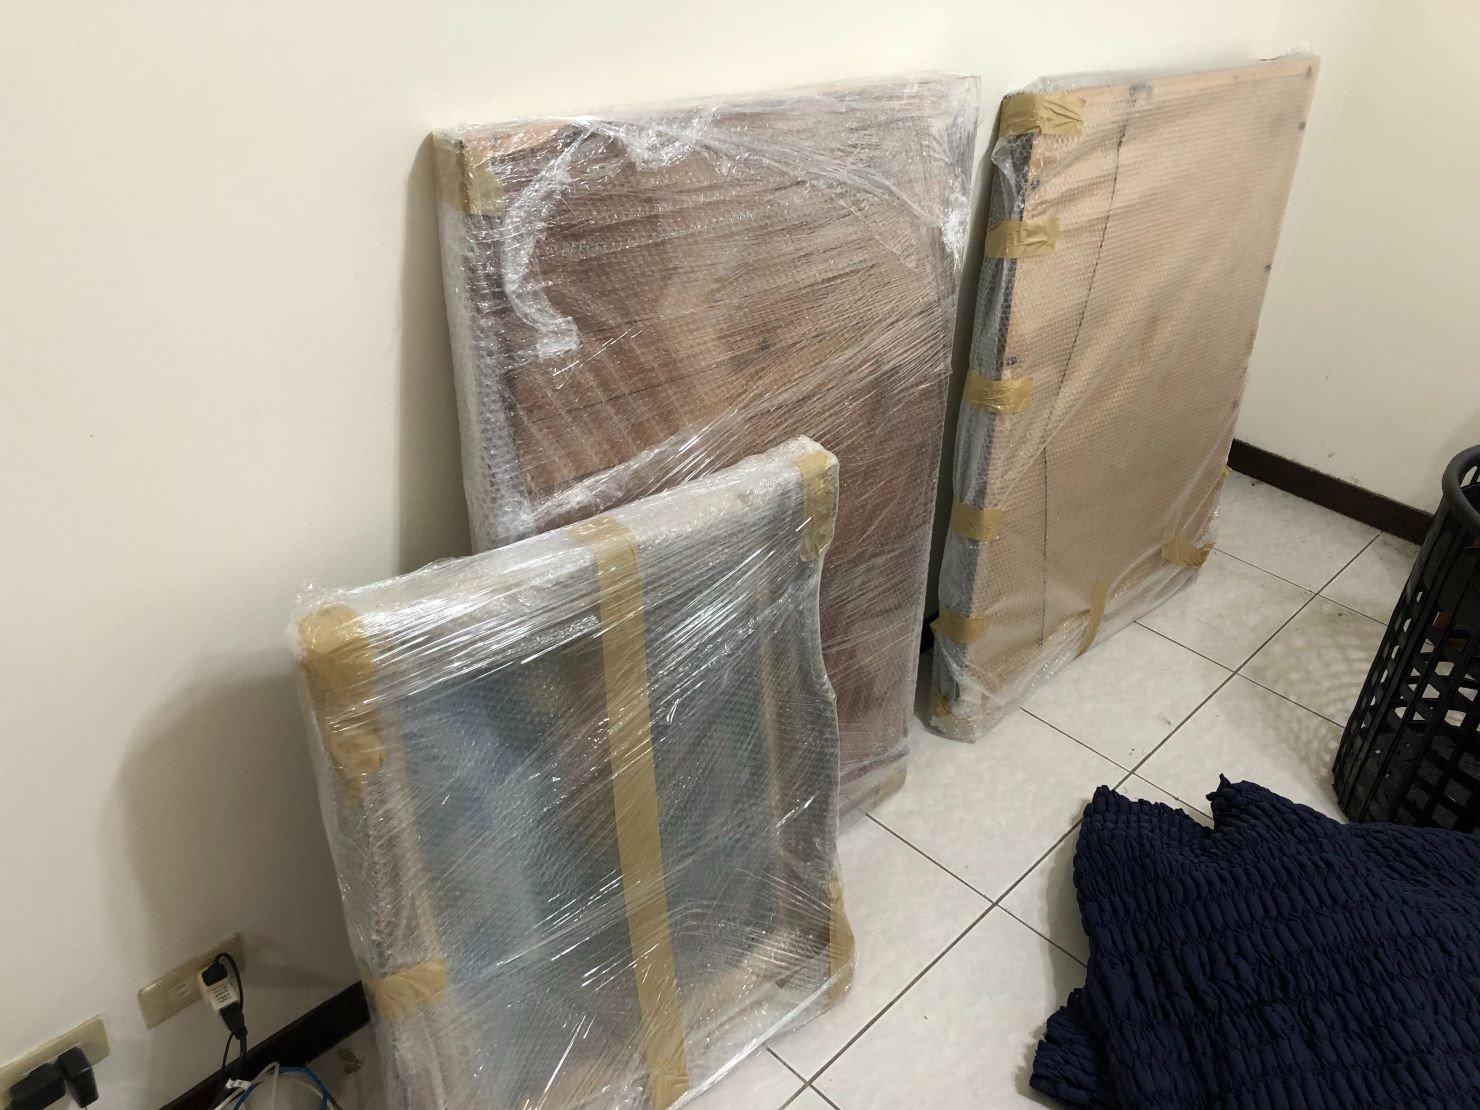 精緻搬家【榮福搬家公司】搬家口碑第一、台北搬家推薦:古董畫作精緻包裝-以氣泡捲、膠膜、黃色透明膠帶做包裝,達到防震、防水、防碰撞磨損之功效。